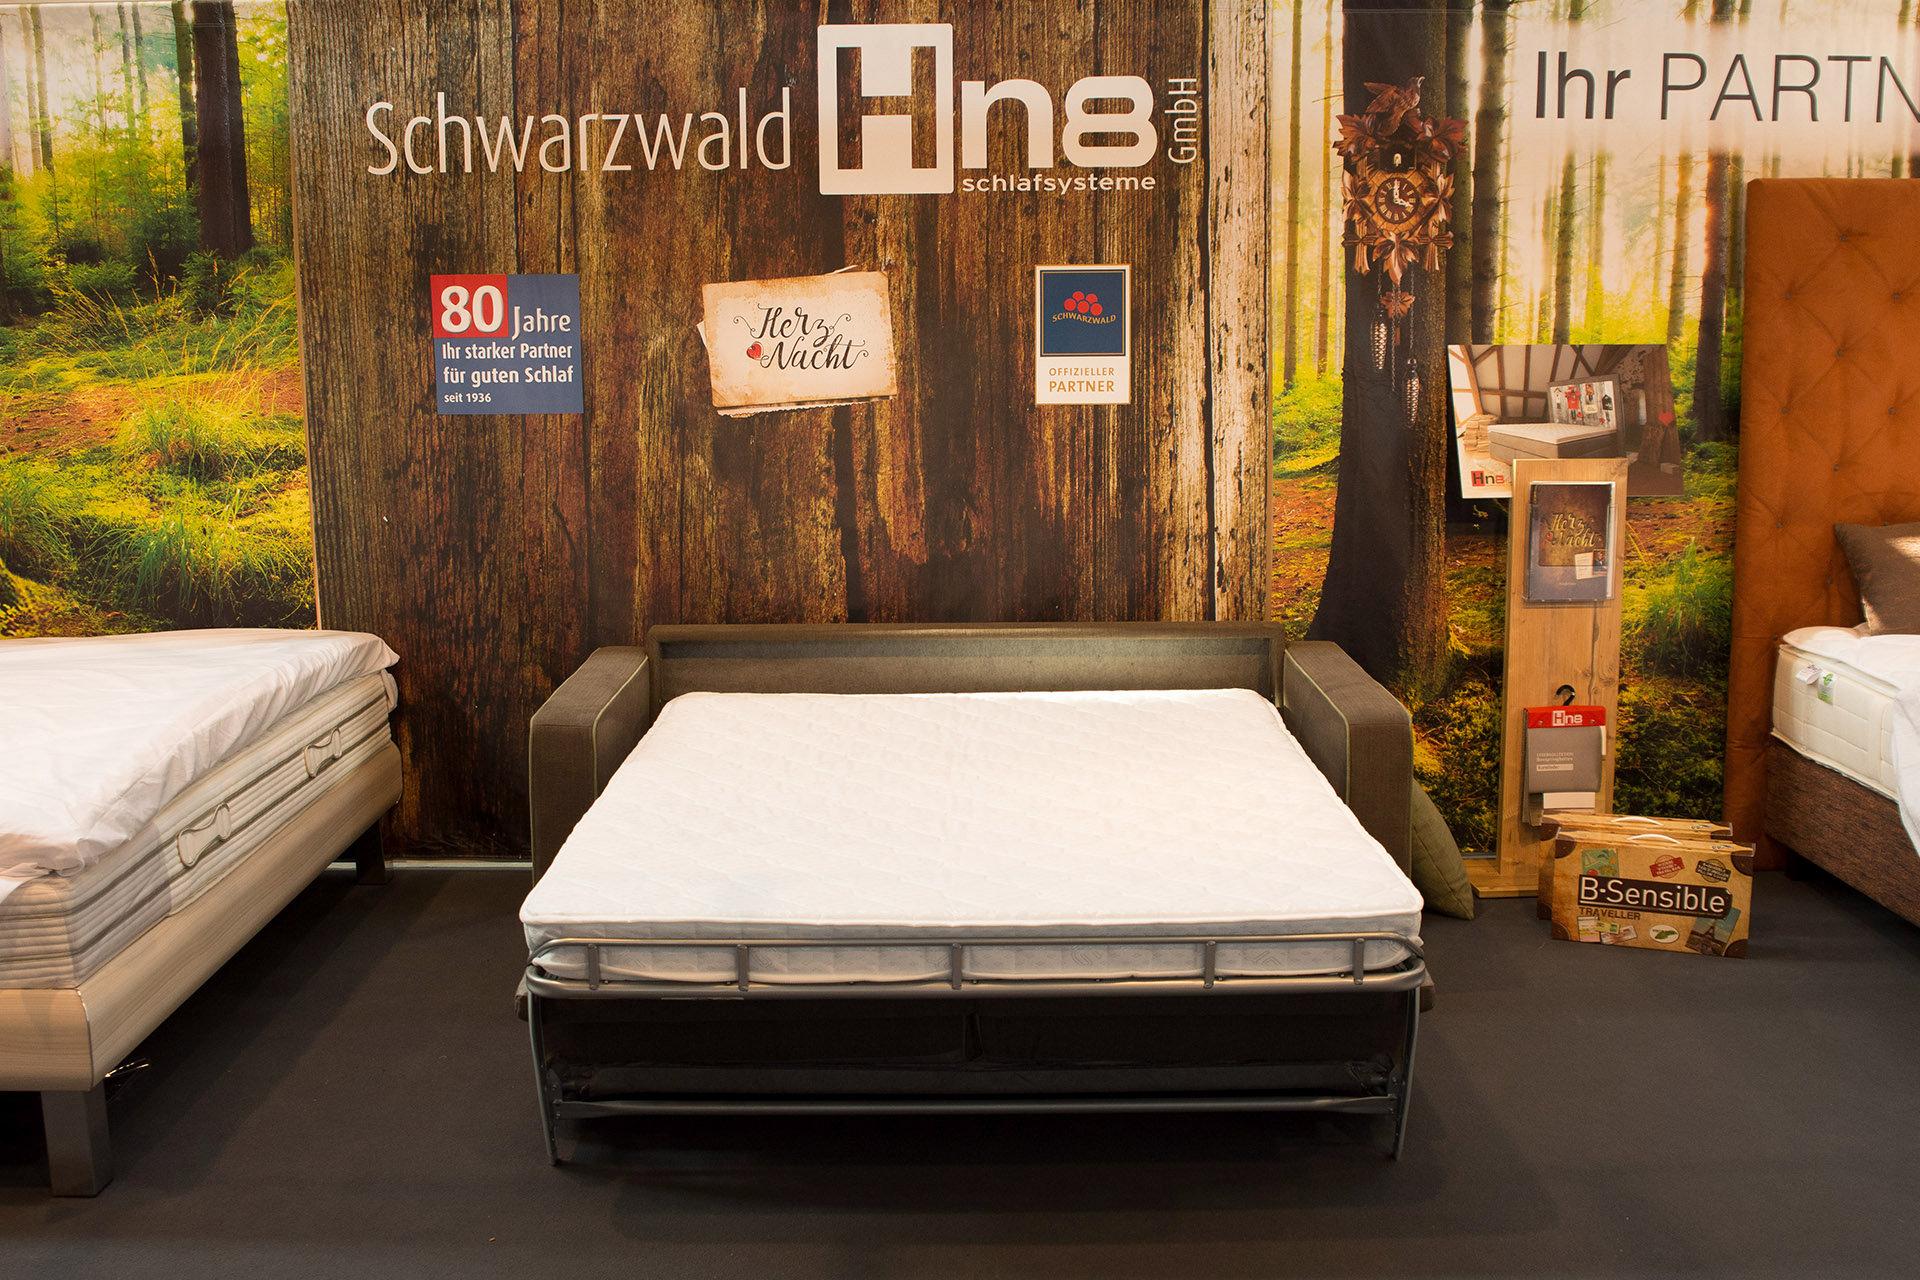 Schwarzwald Hn8 Schlafsysteme ~ Hn schlafsysteme lidl deutschland lidl